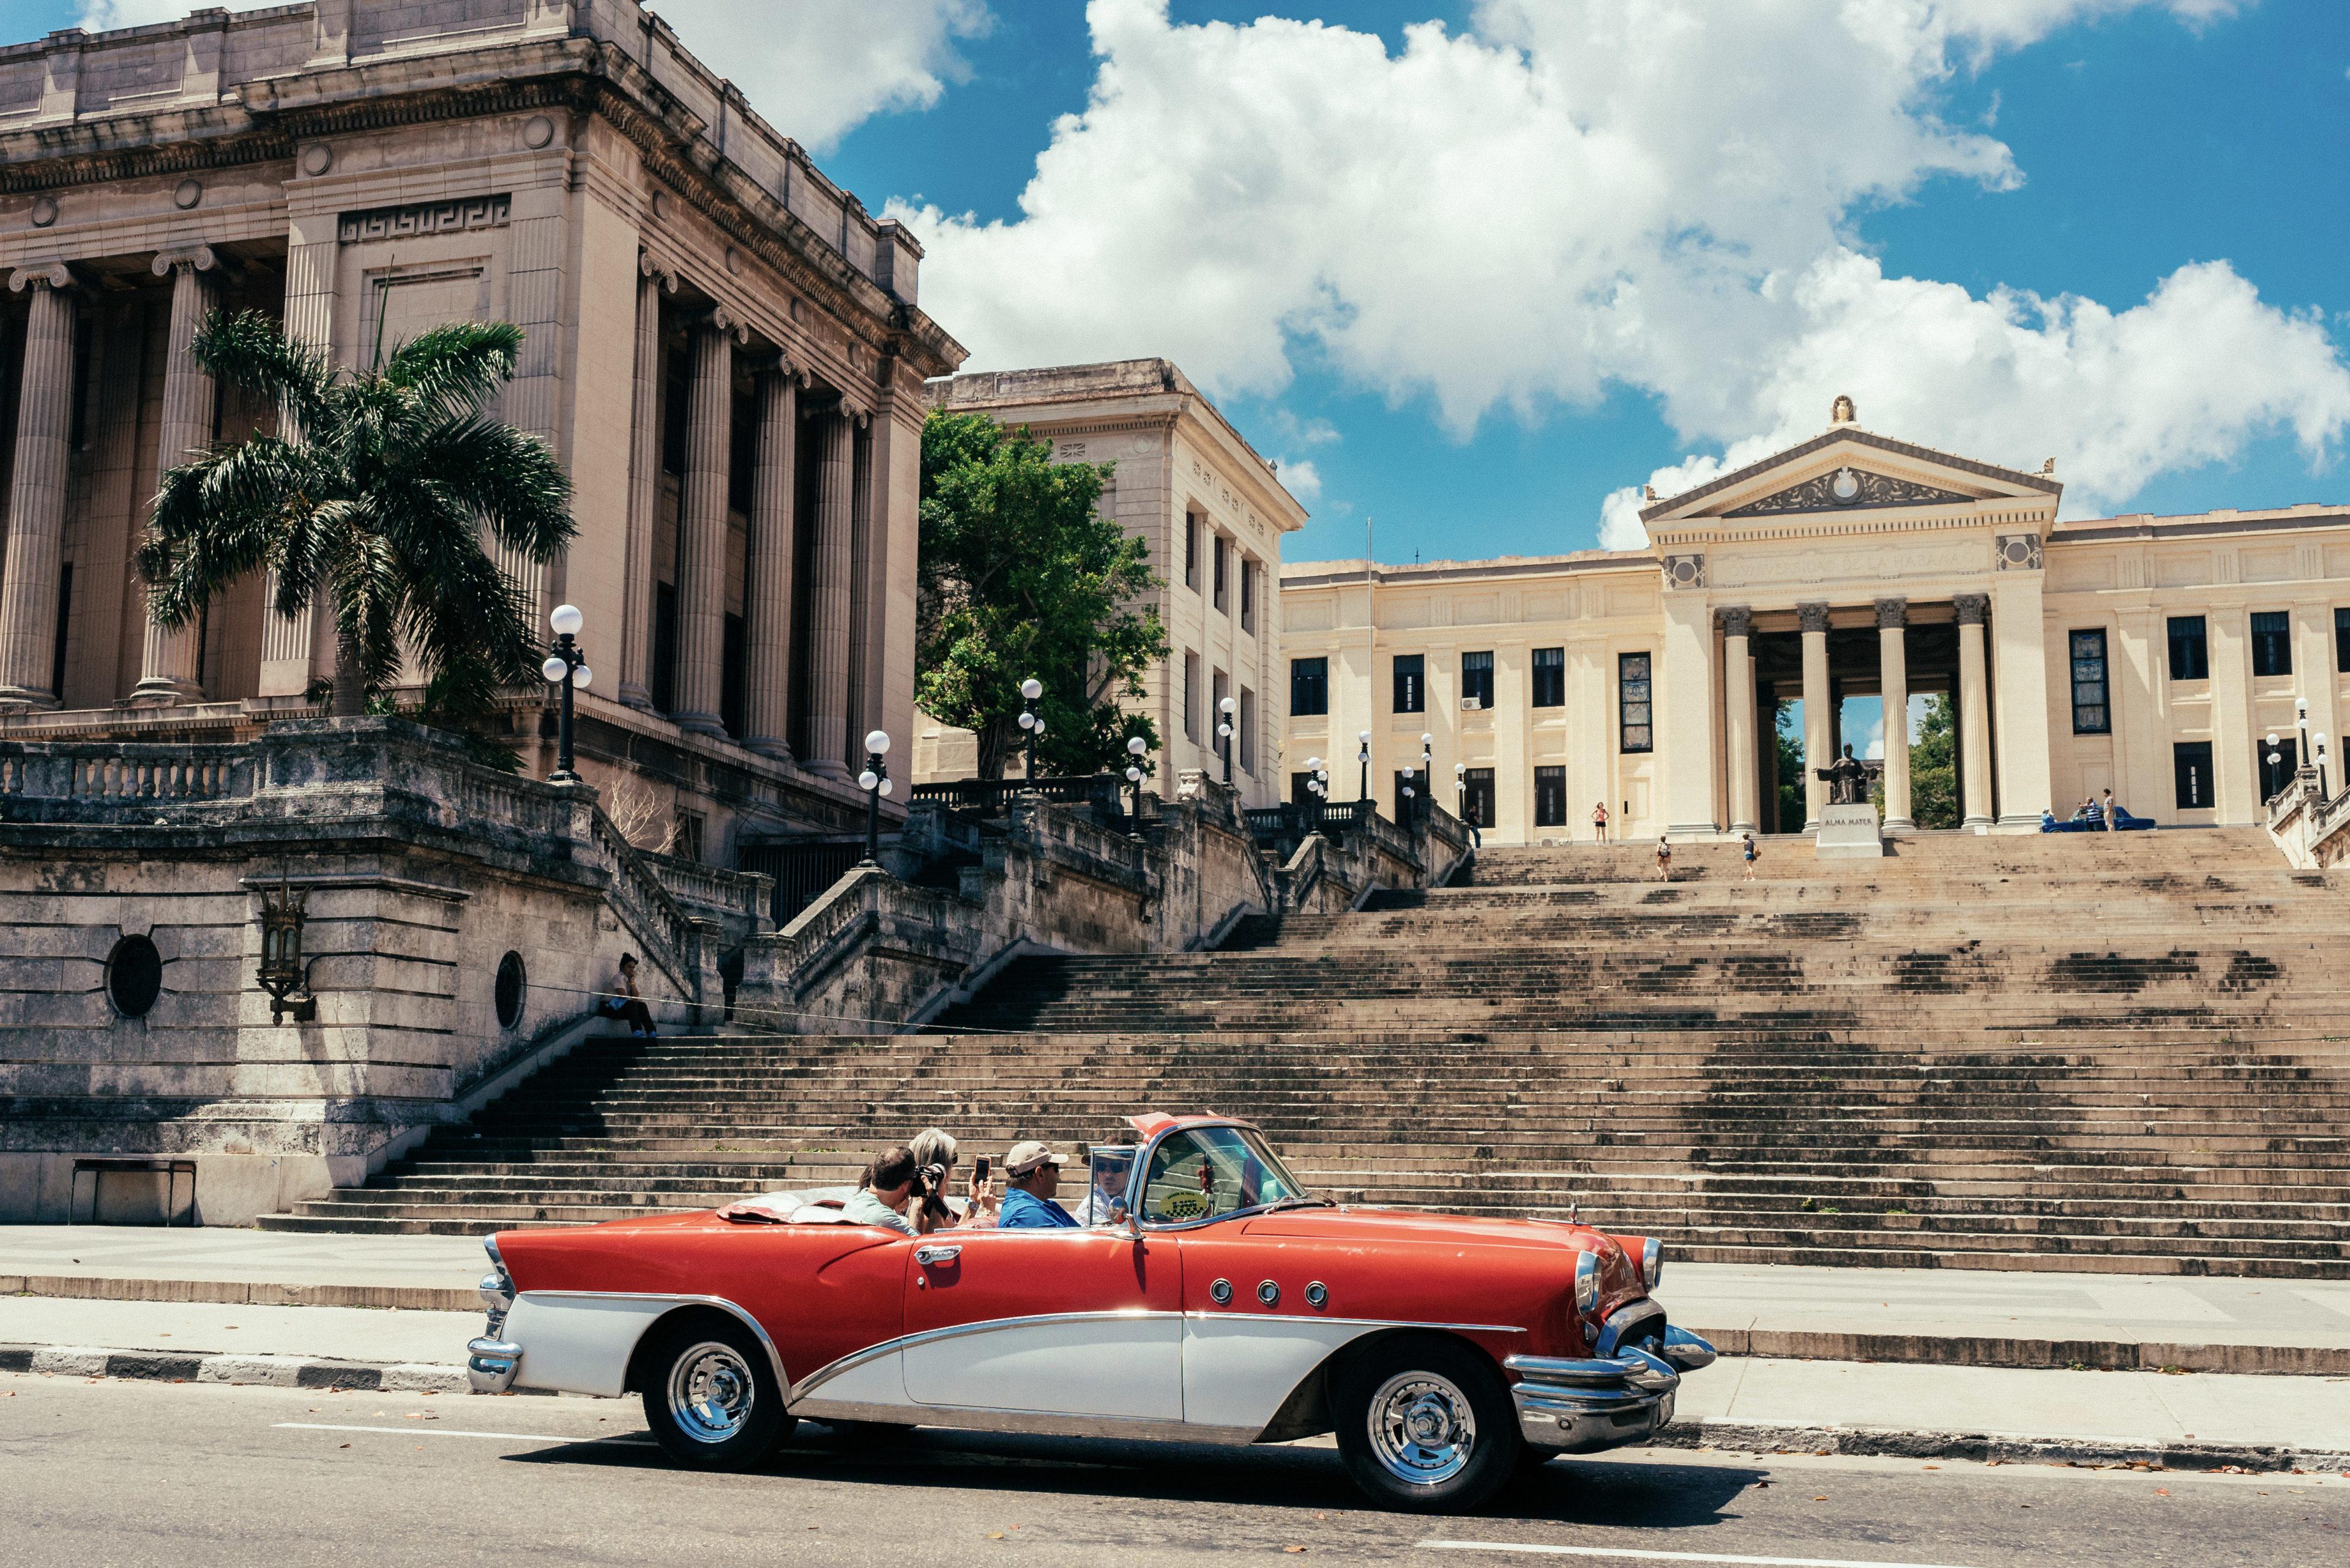 Ein Oldtimer steht vor der Universität Havannas